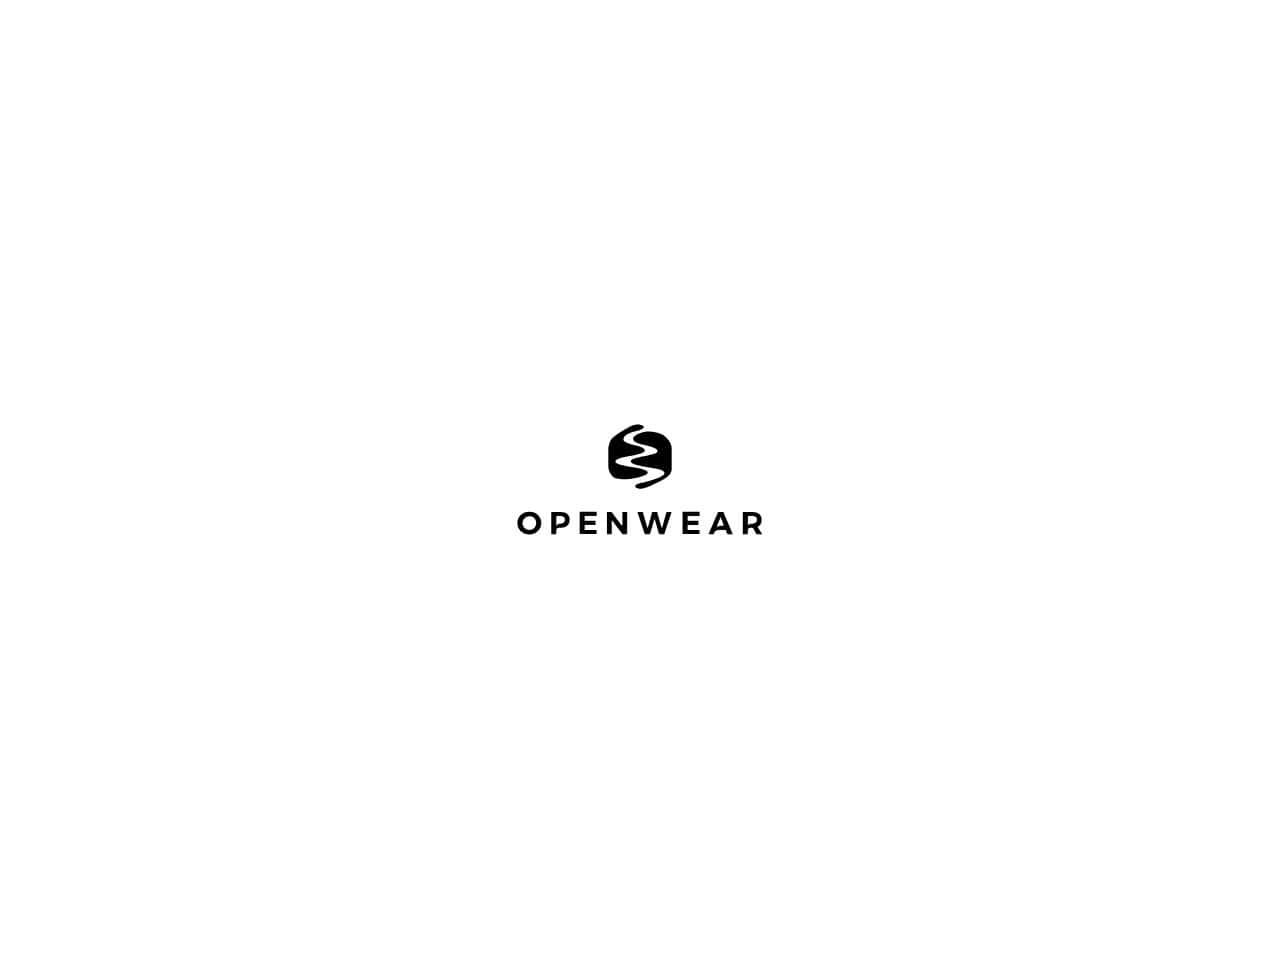 Open Wear